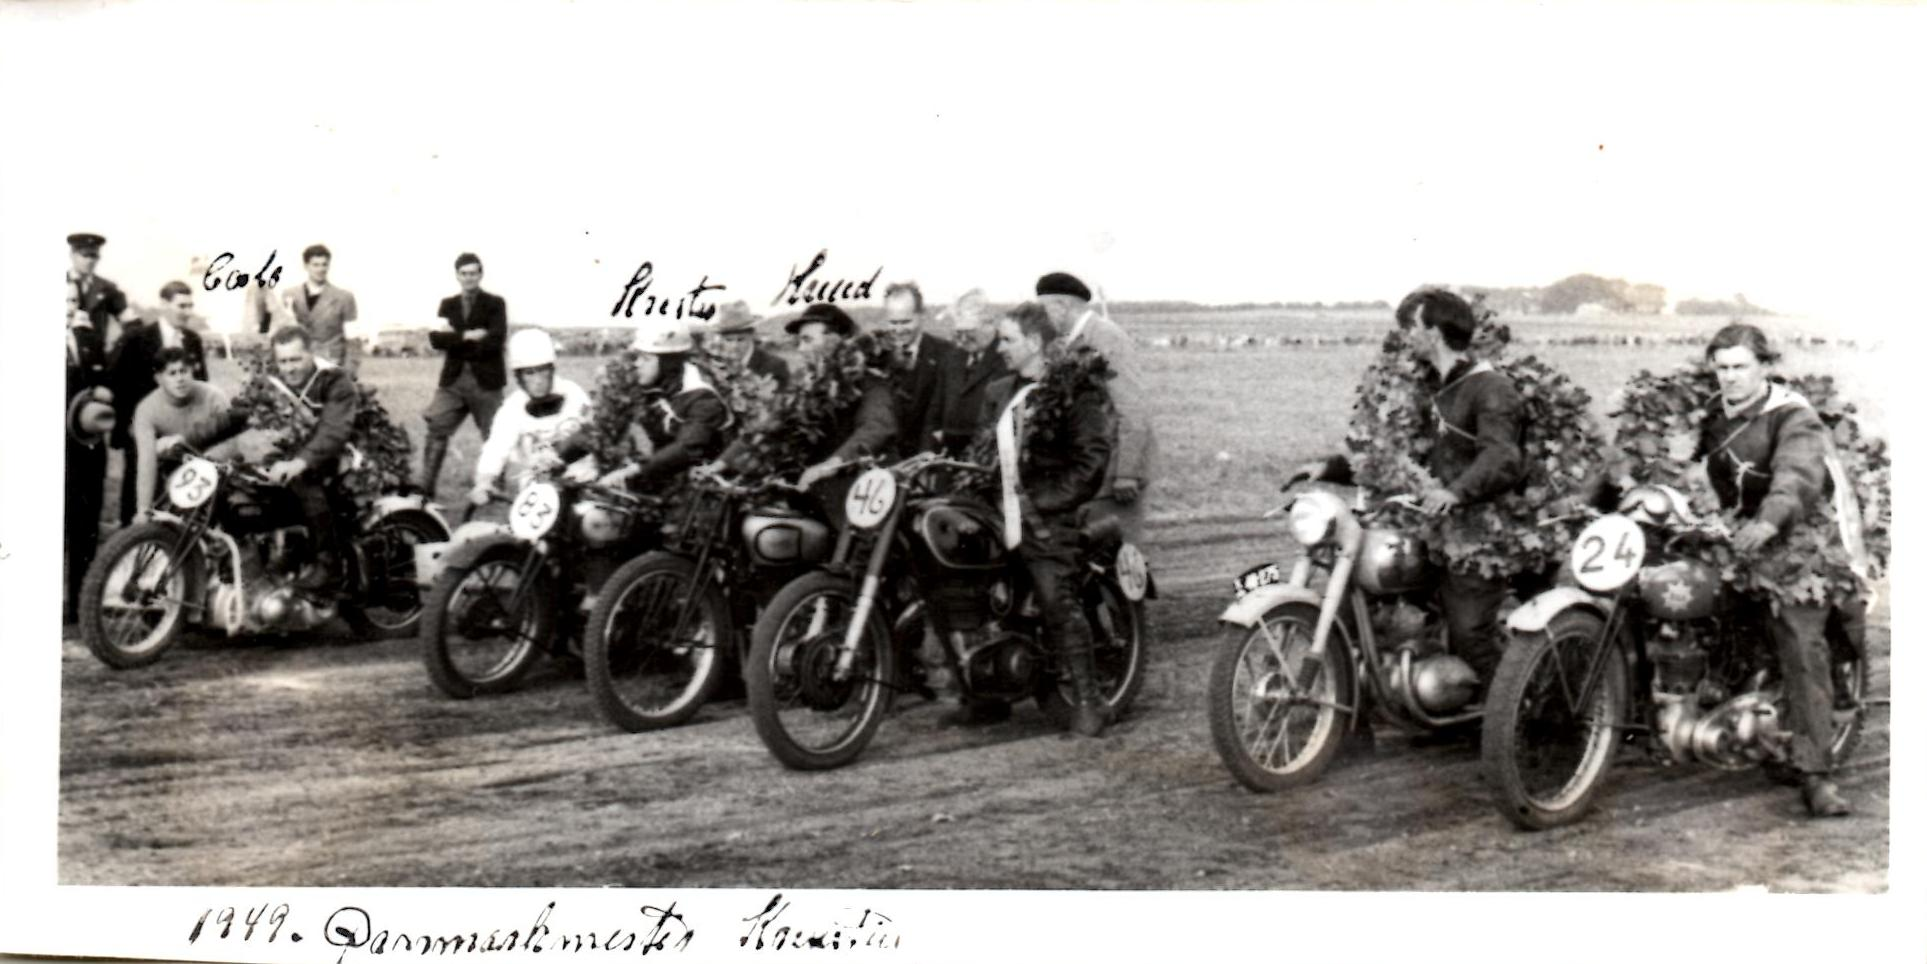 Danmarksmestrene 1949 i Hobro. Carlo, Putimut og HRD til venstre.